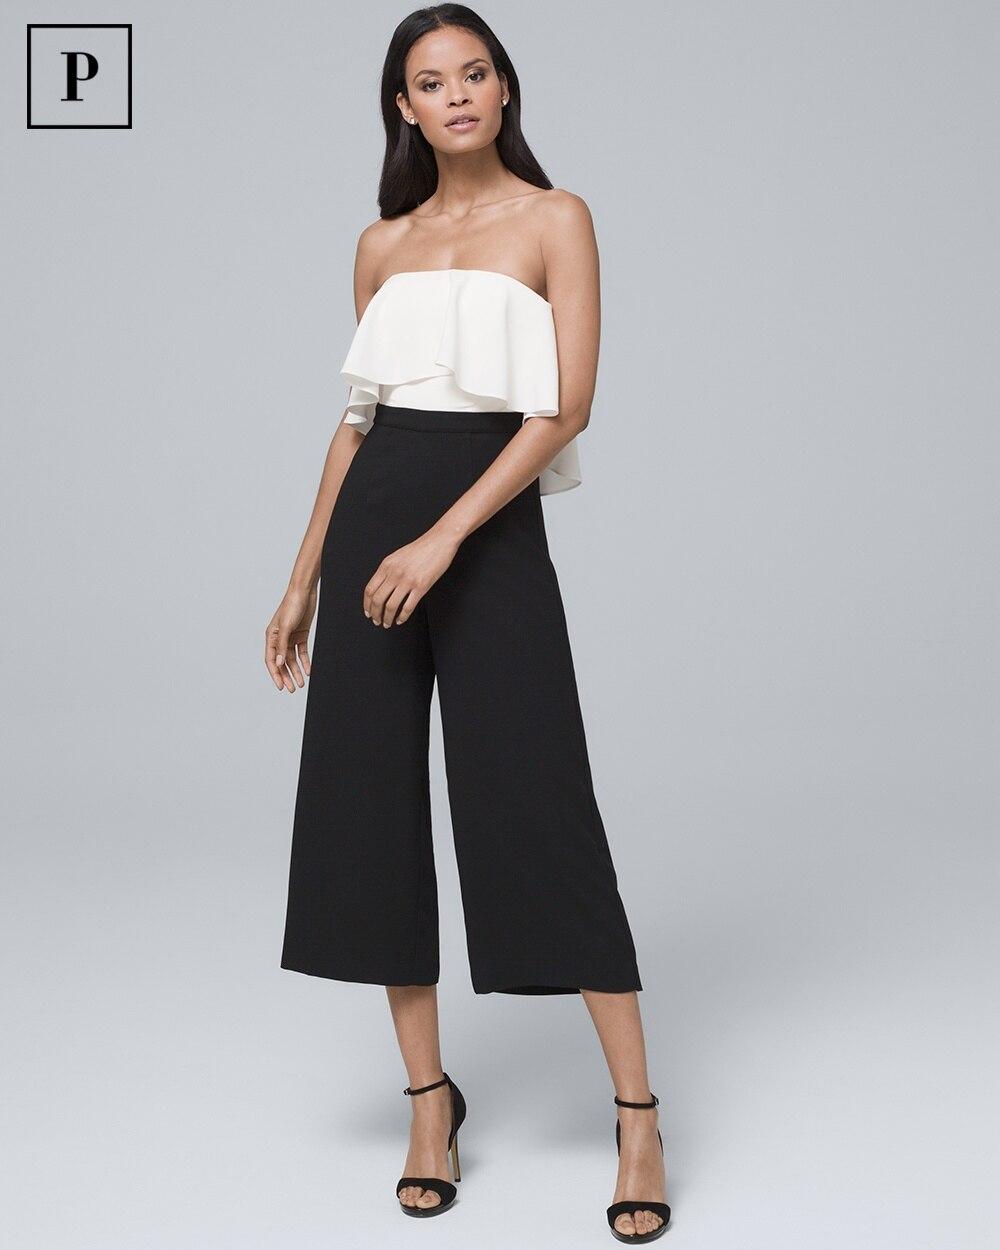 894a15aec68d Petite Colorblock Popover Jumpsuit - White House Black Market